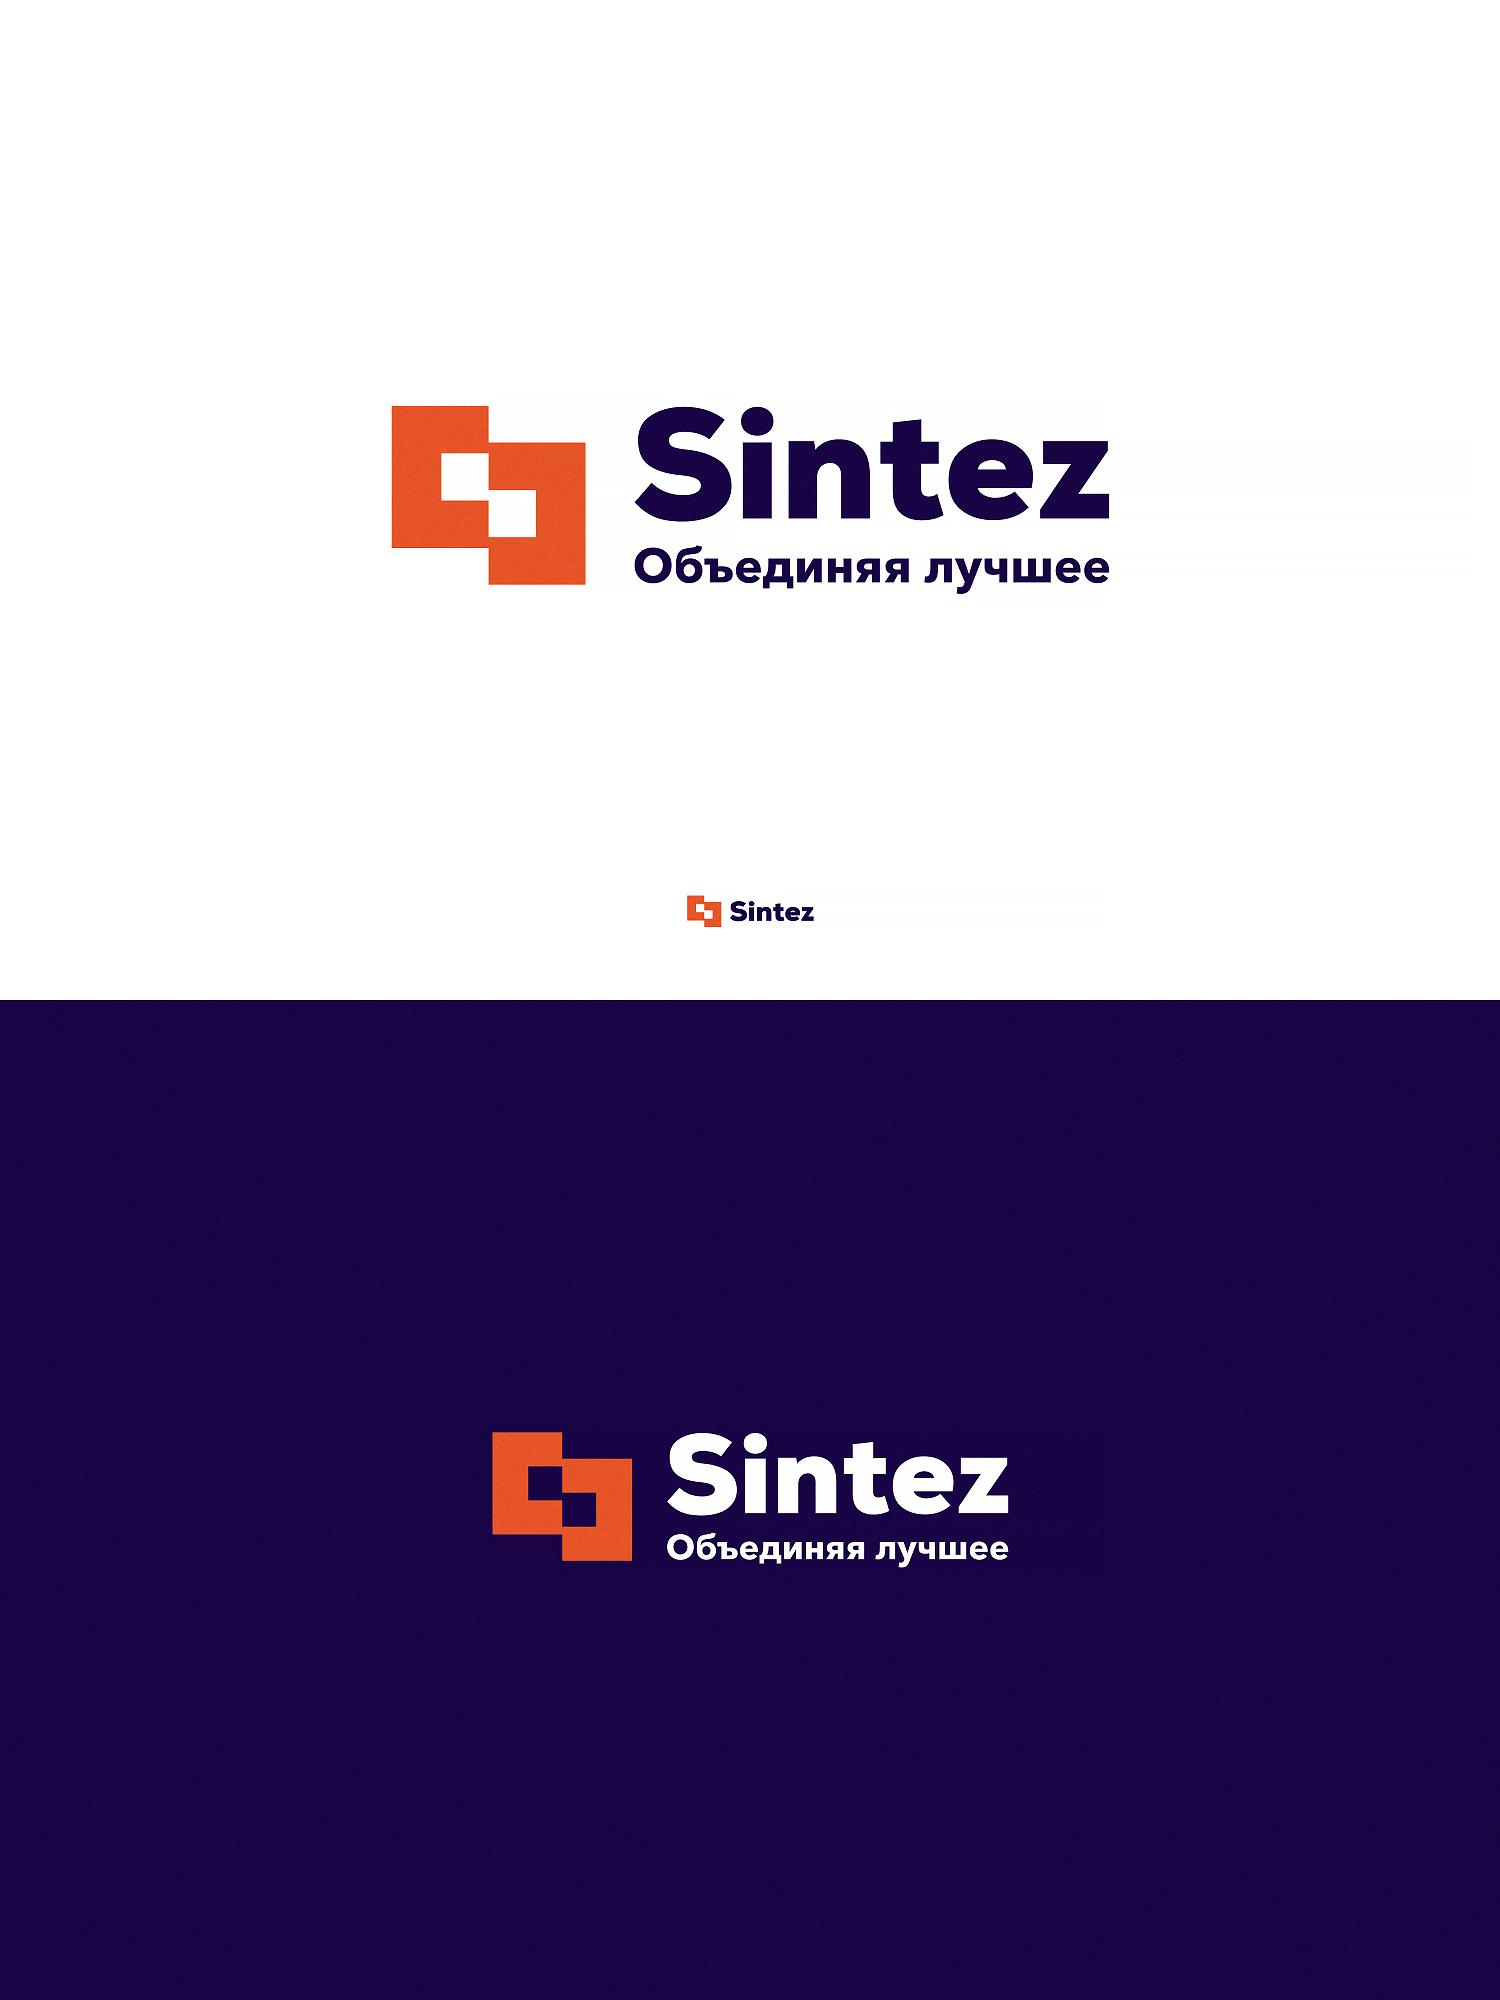 Разрабтка логотипа компании и фирменного шрифта фото f_9065f62649990609.jpg